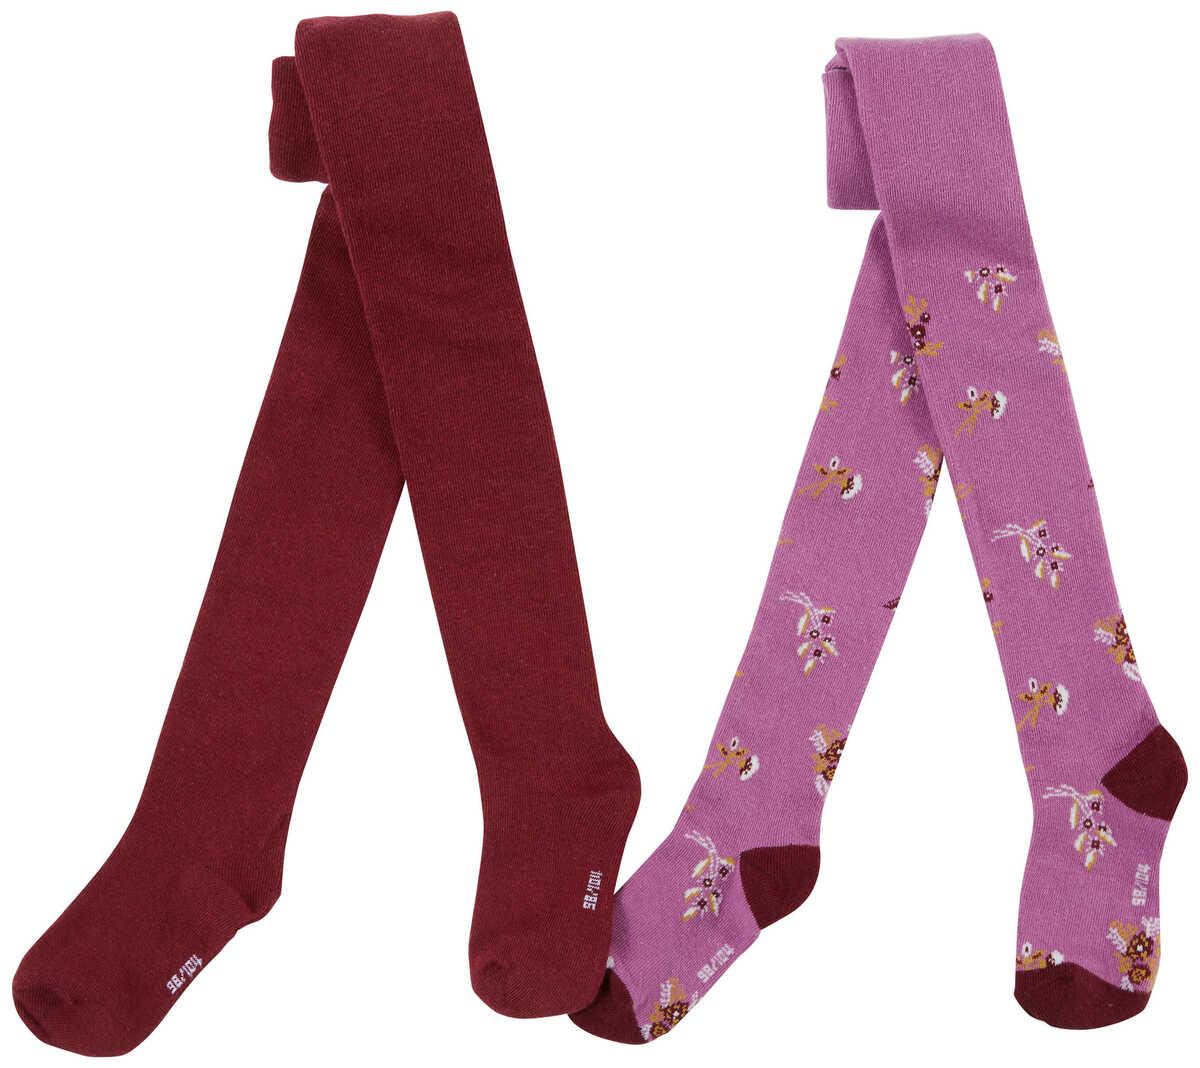 Bild 3 von KUNIBOO®  Mädchen-Strumpfhosen